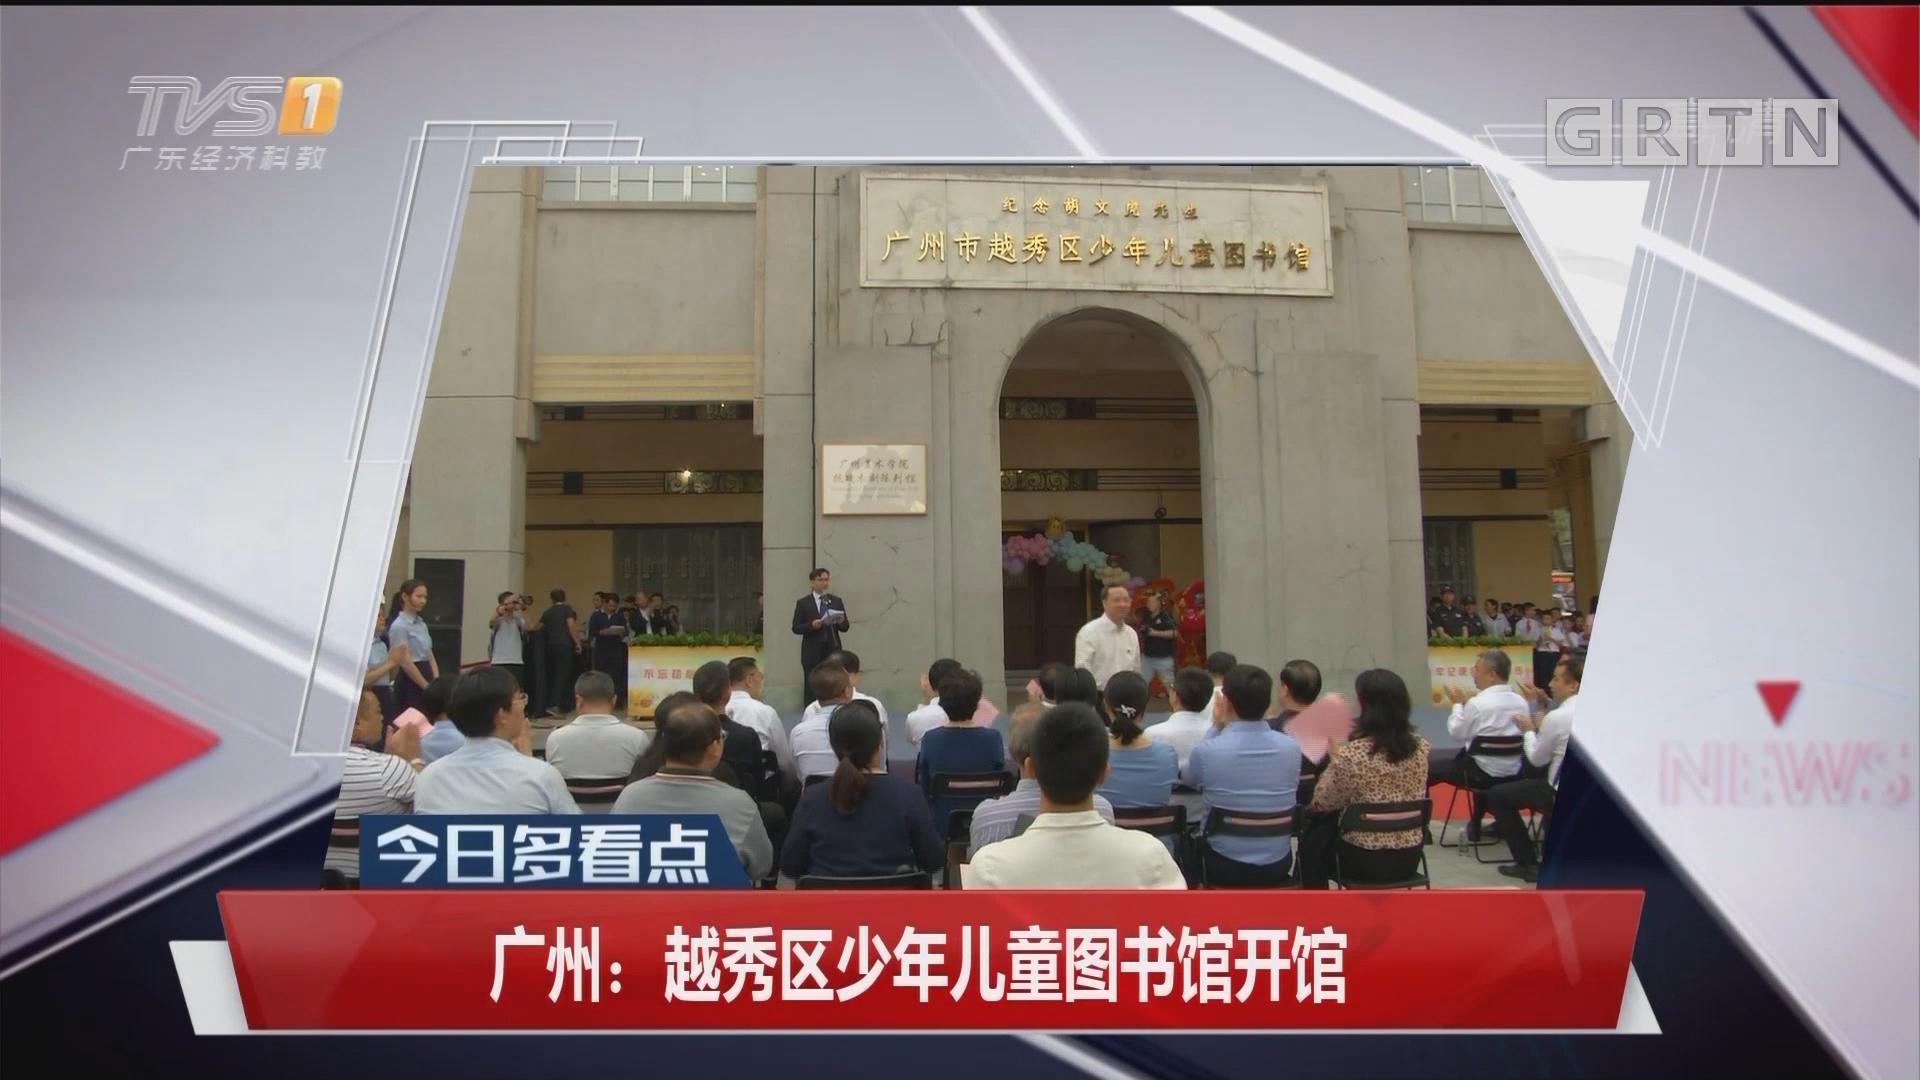 广州:越秀区少年儿童图书馆开馆